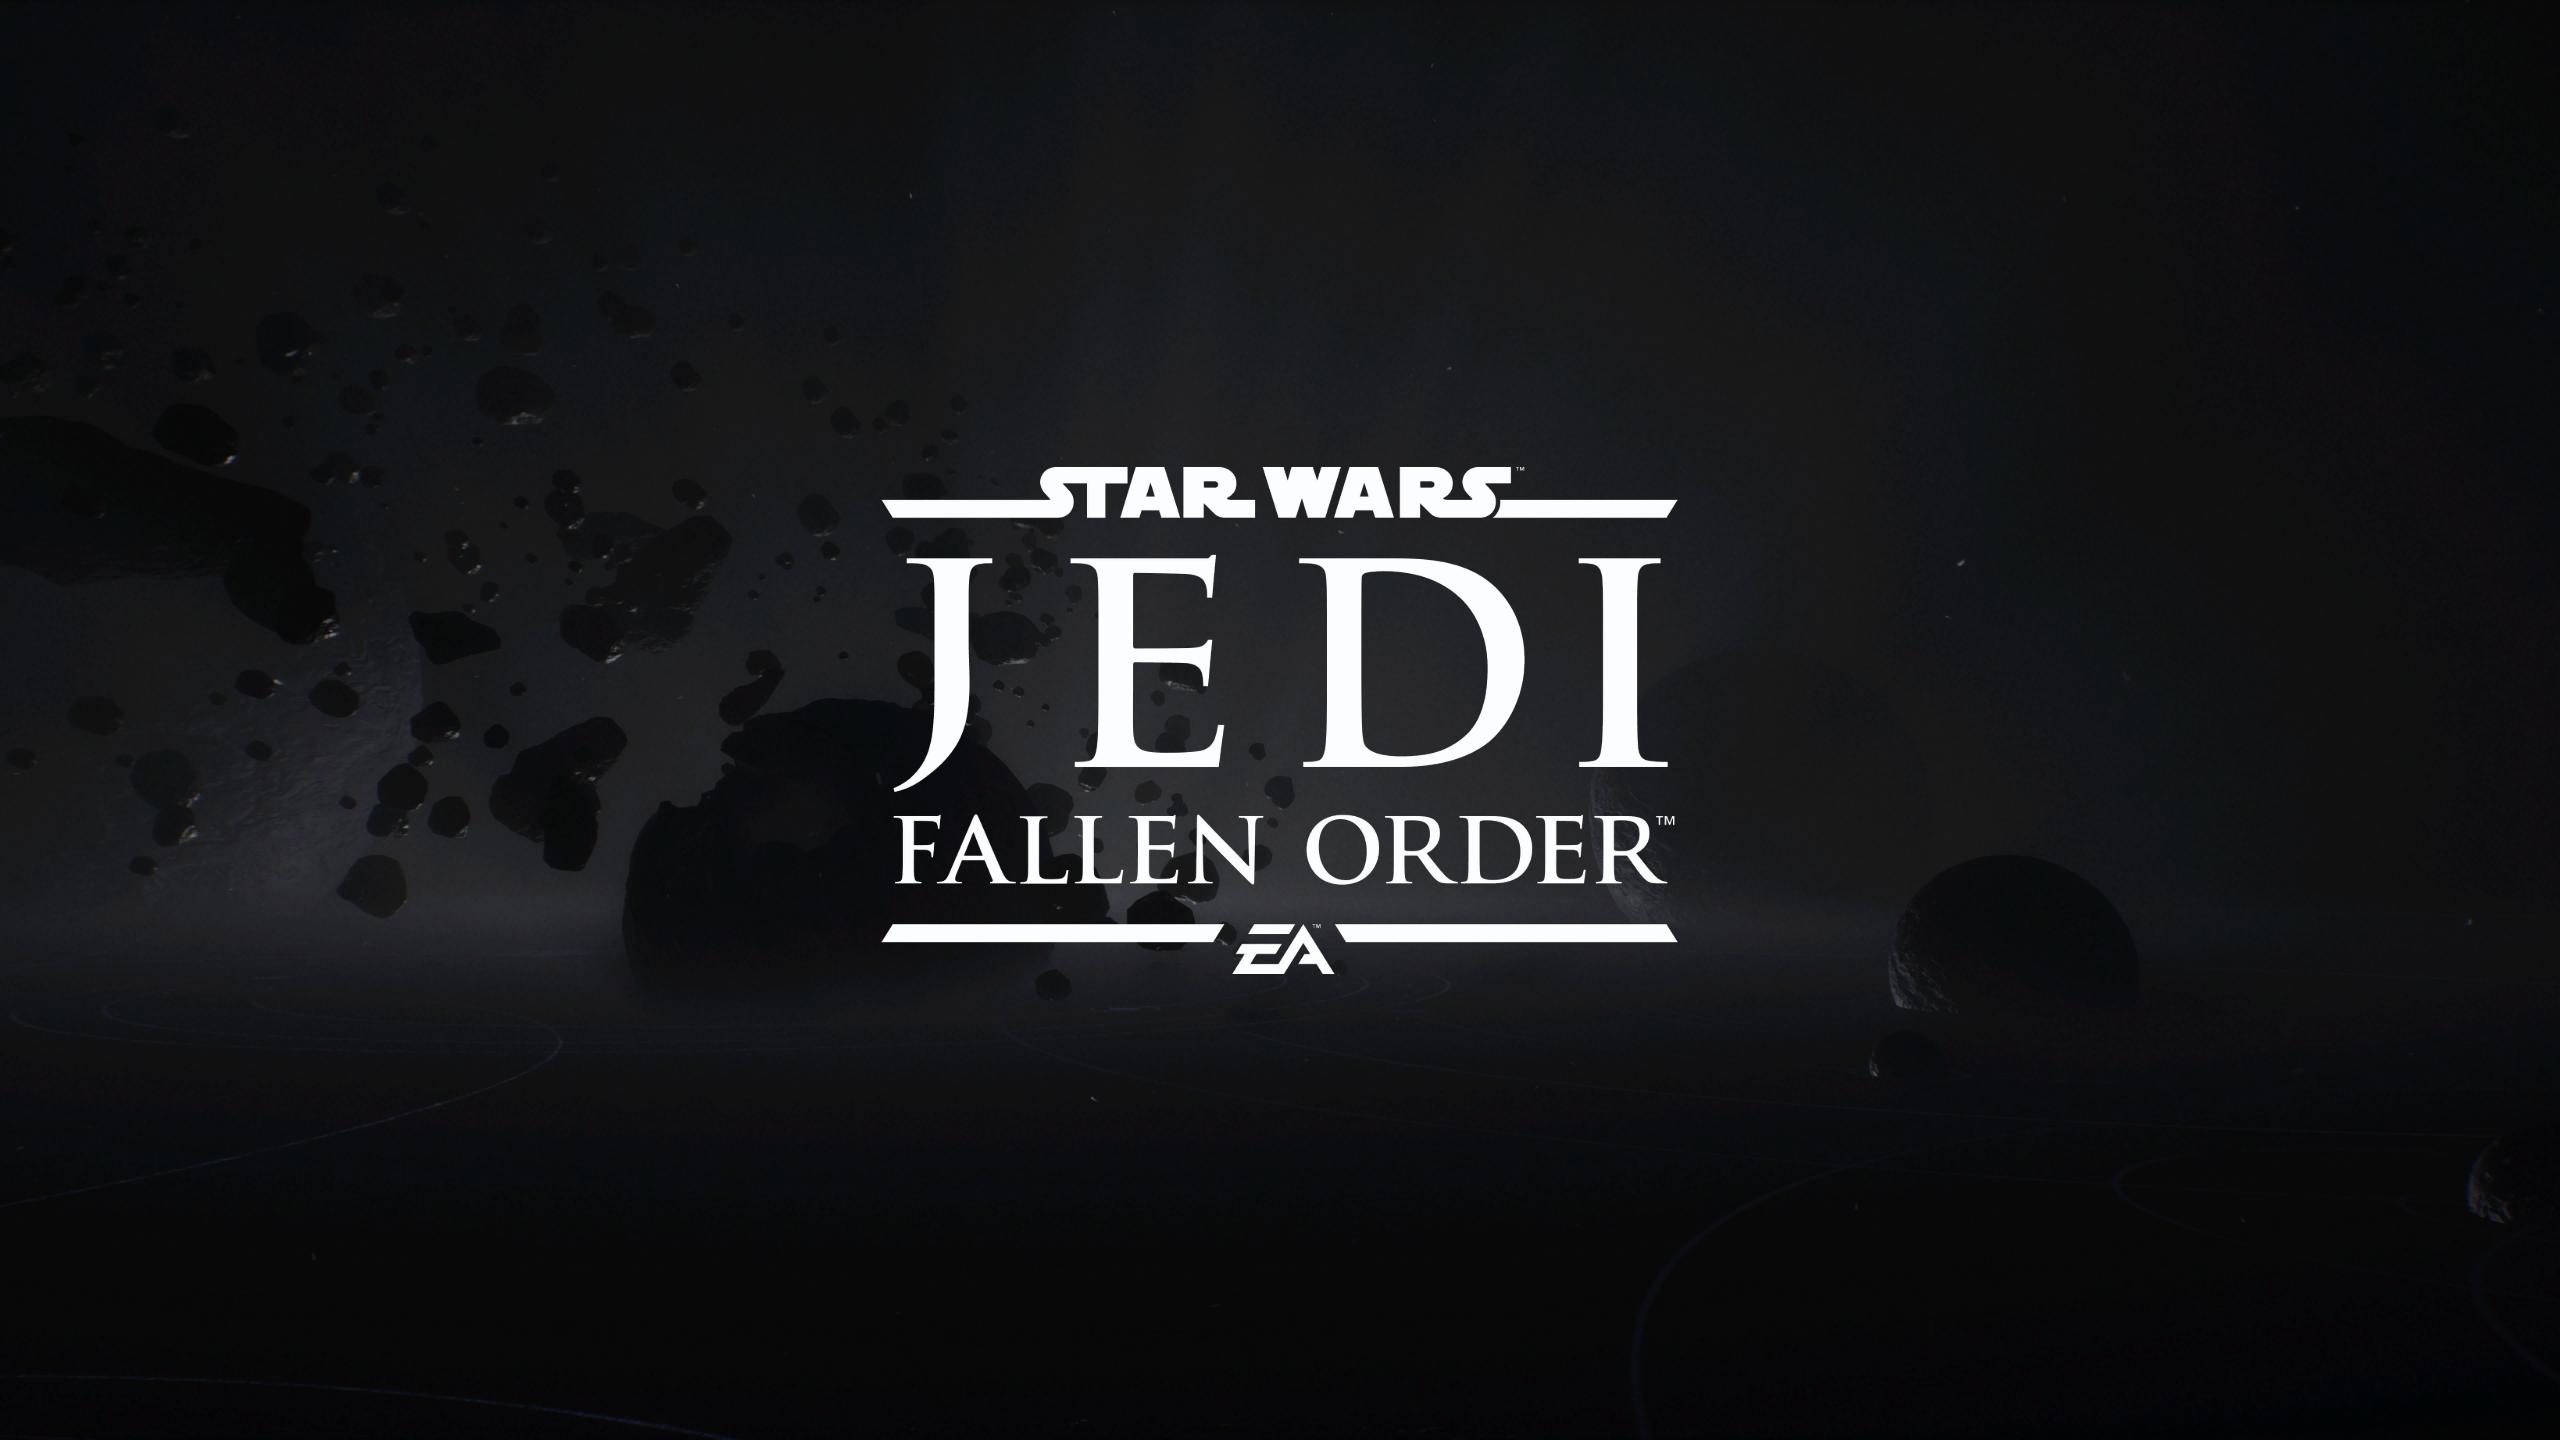 Recenzja Star Wars Jedi: Fallen Order - zdecydowanie jedna z najlepszych gier tego roku 20